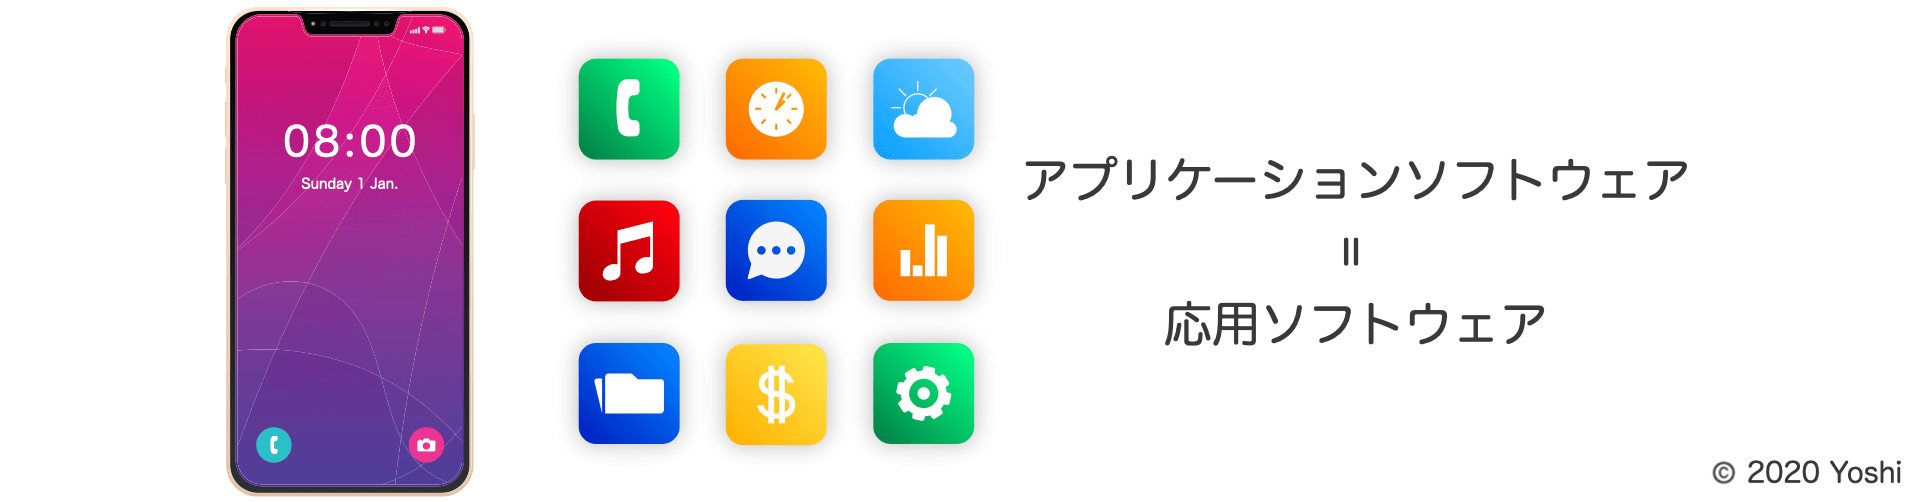 アプリケーション=応用ソフトウェア